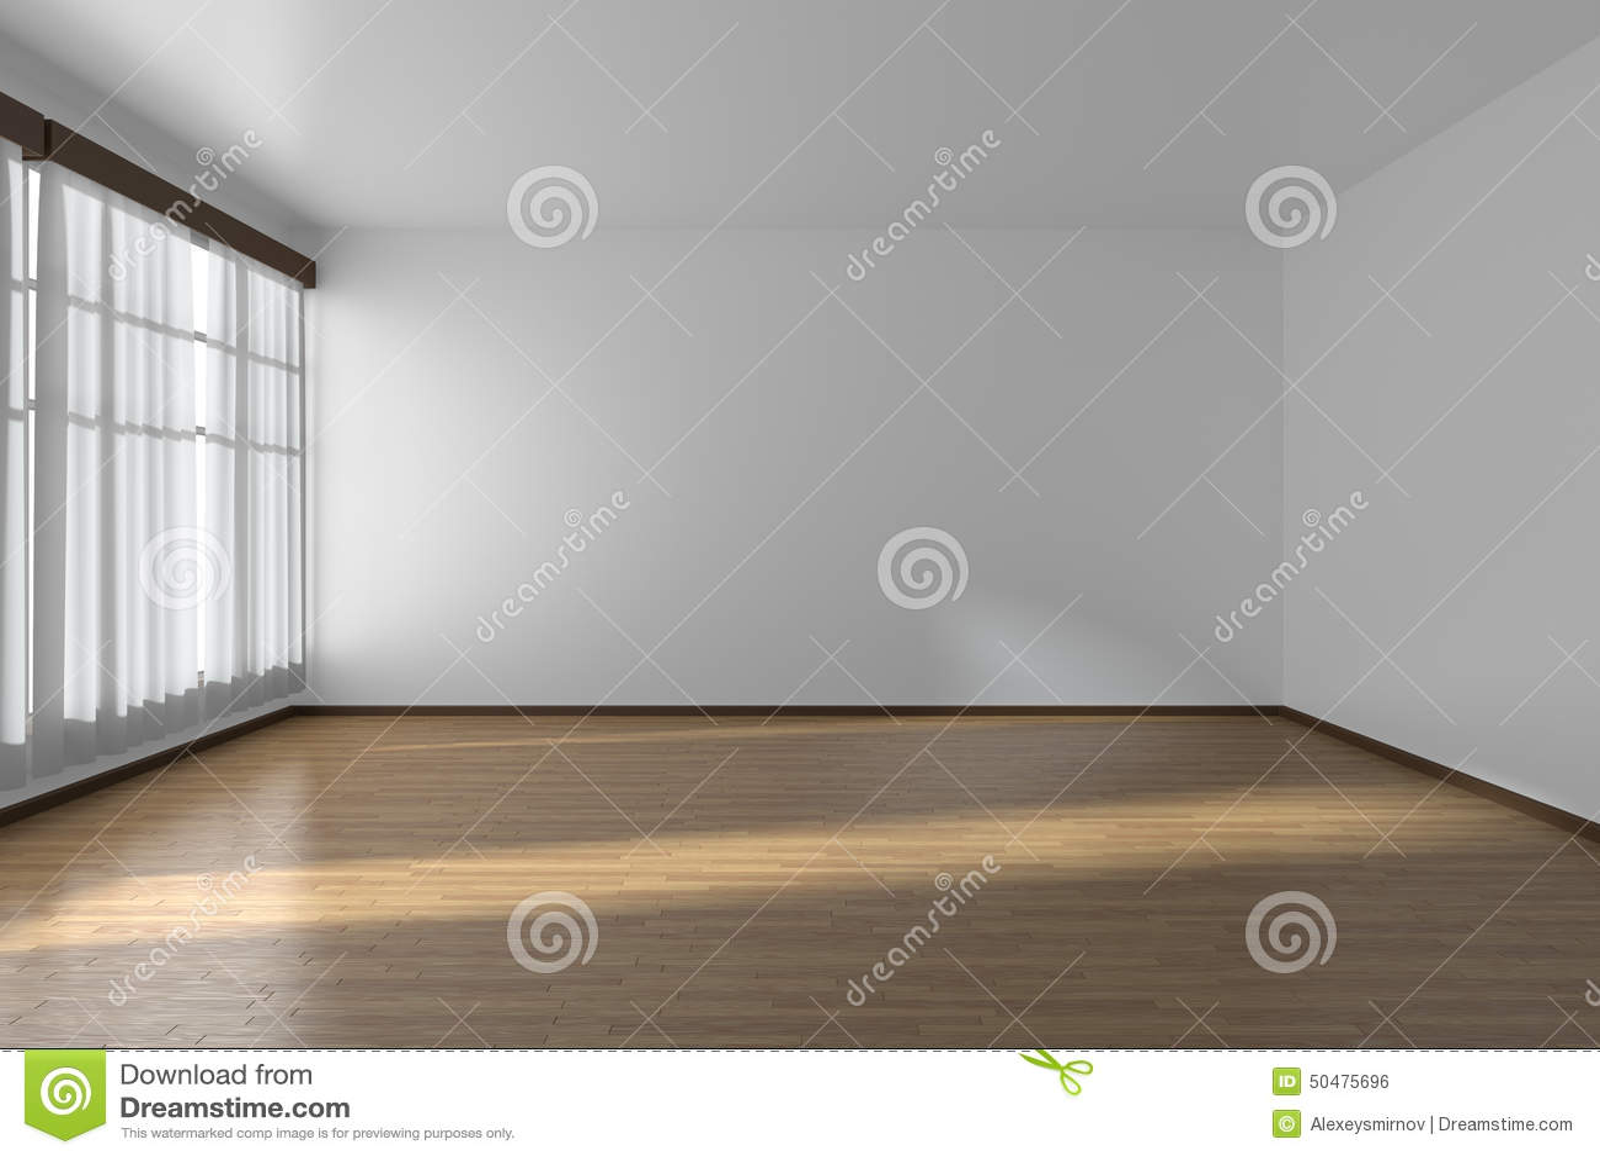 Stanza vuota bianca con le pareti il pavimento di parquet for Piani di architetto domestico